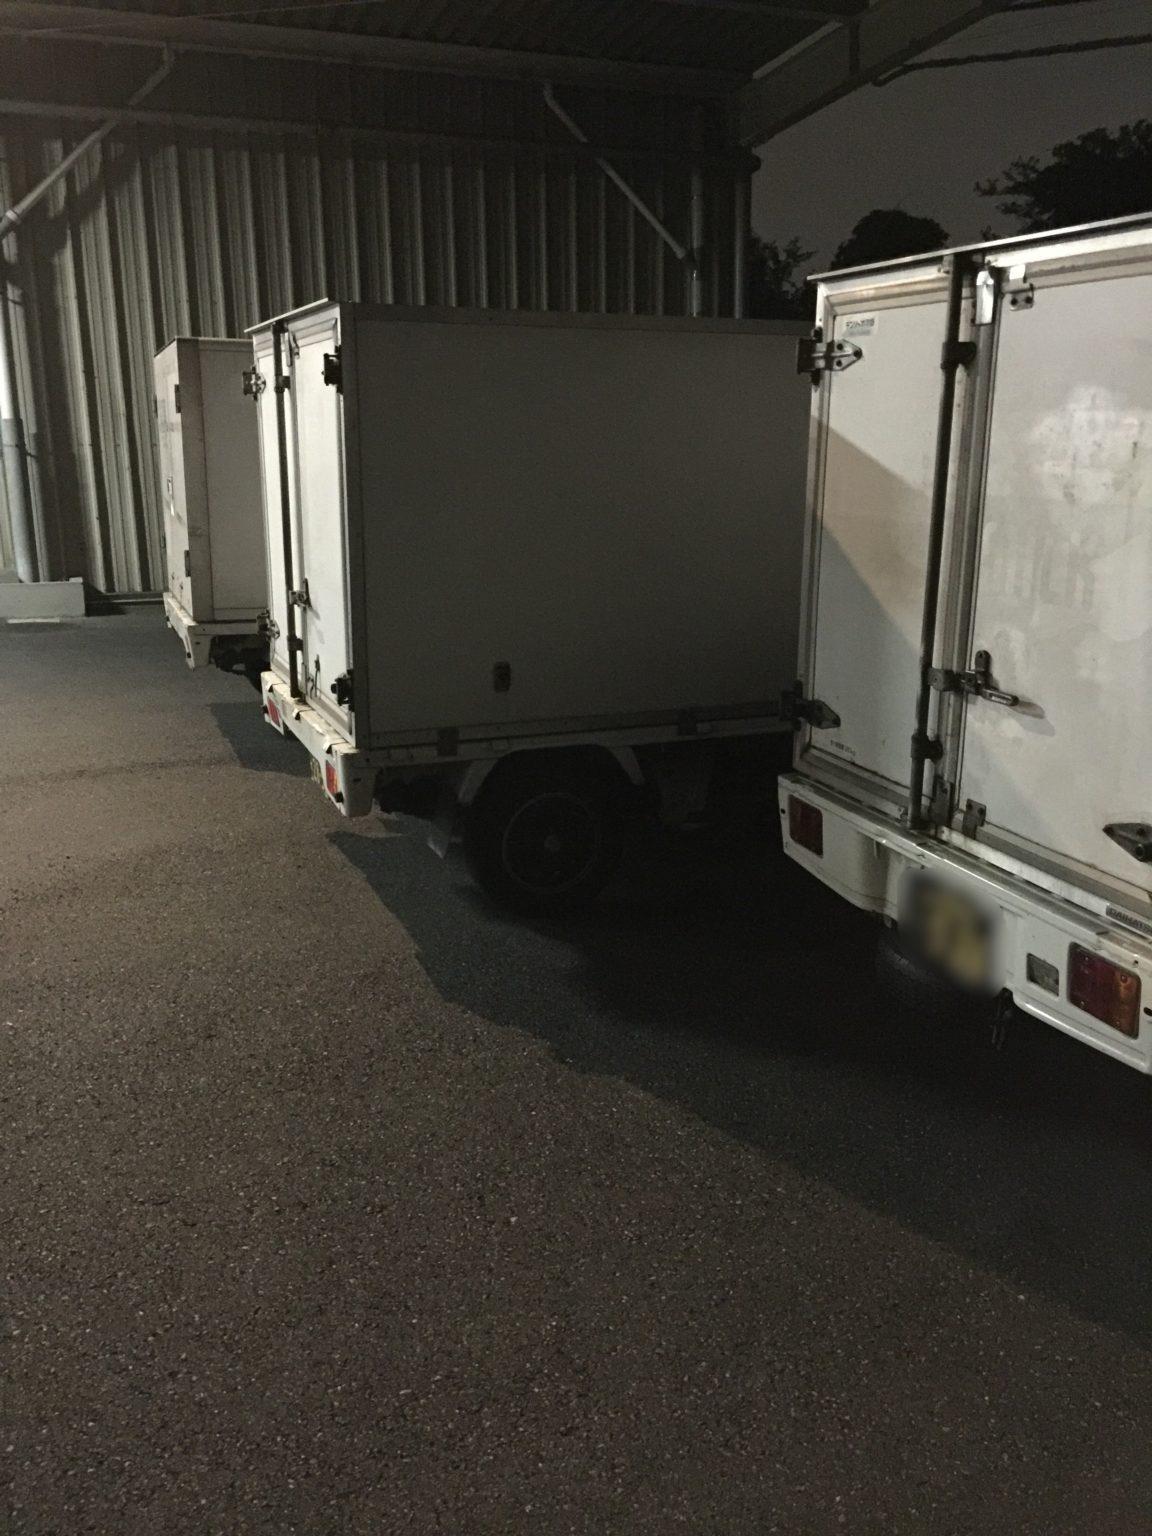 弁当のチルド配送 【軽貨物運送の検証ブログ】